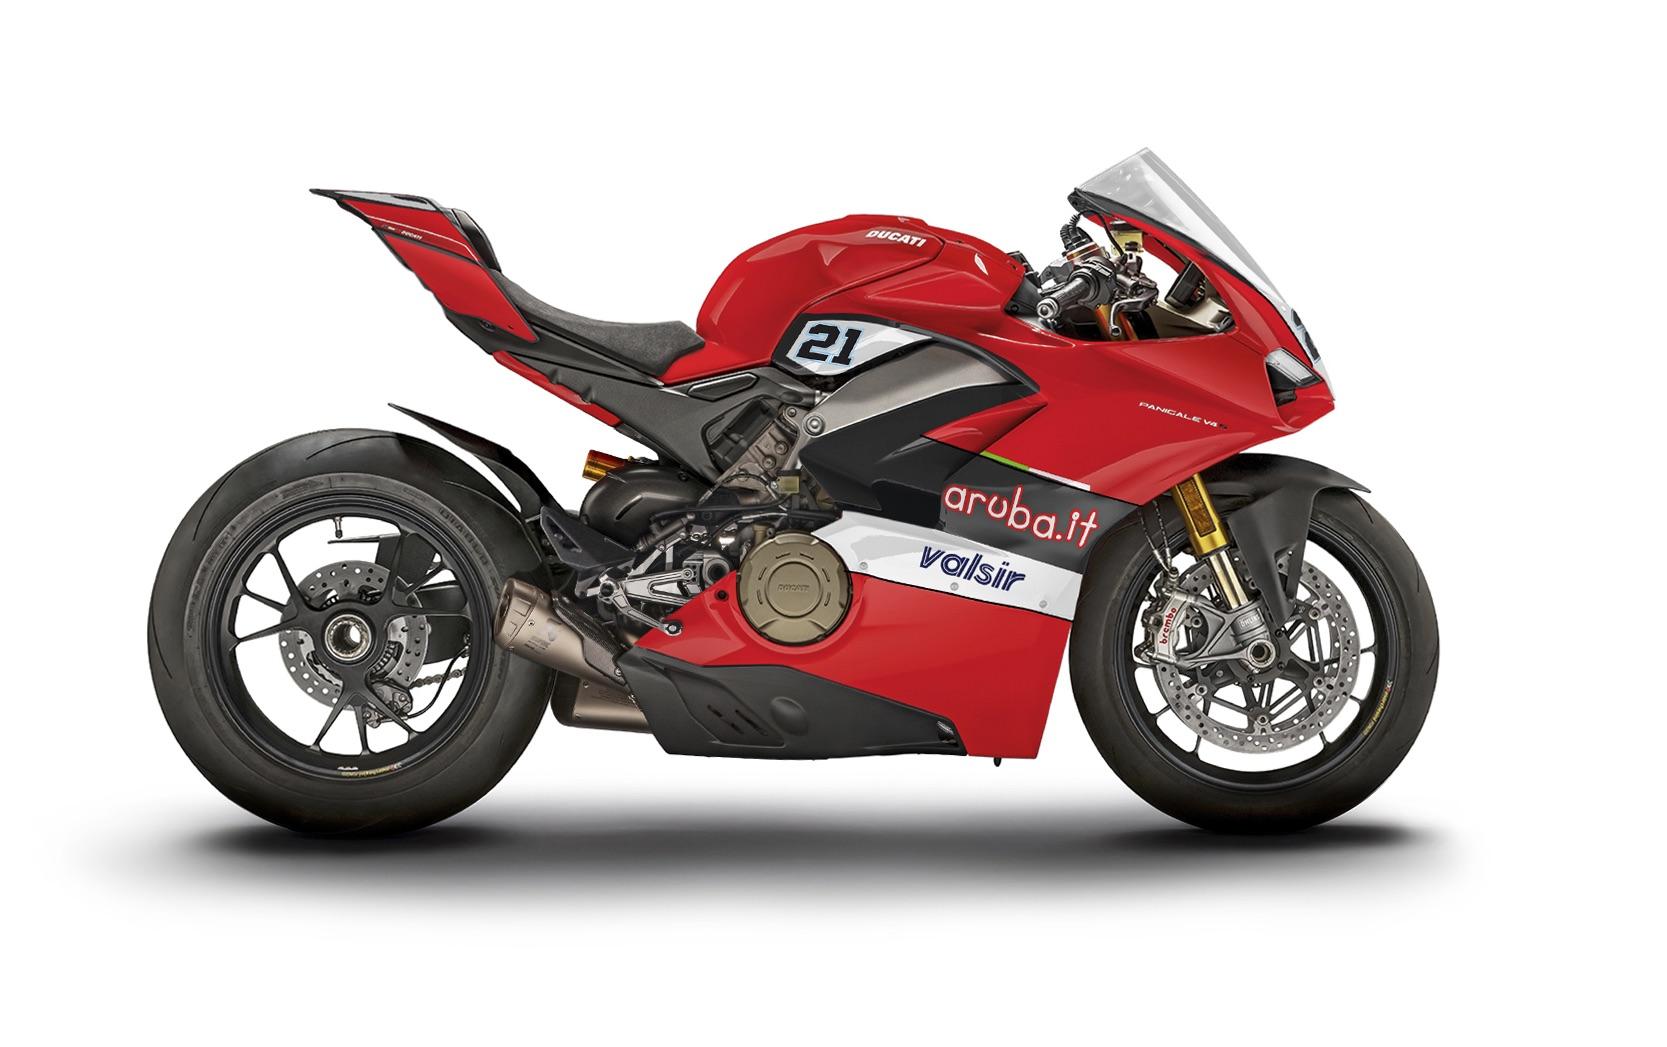 Ducati V4 Panigale Troy Bayliss